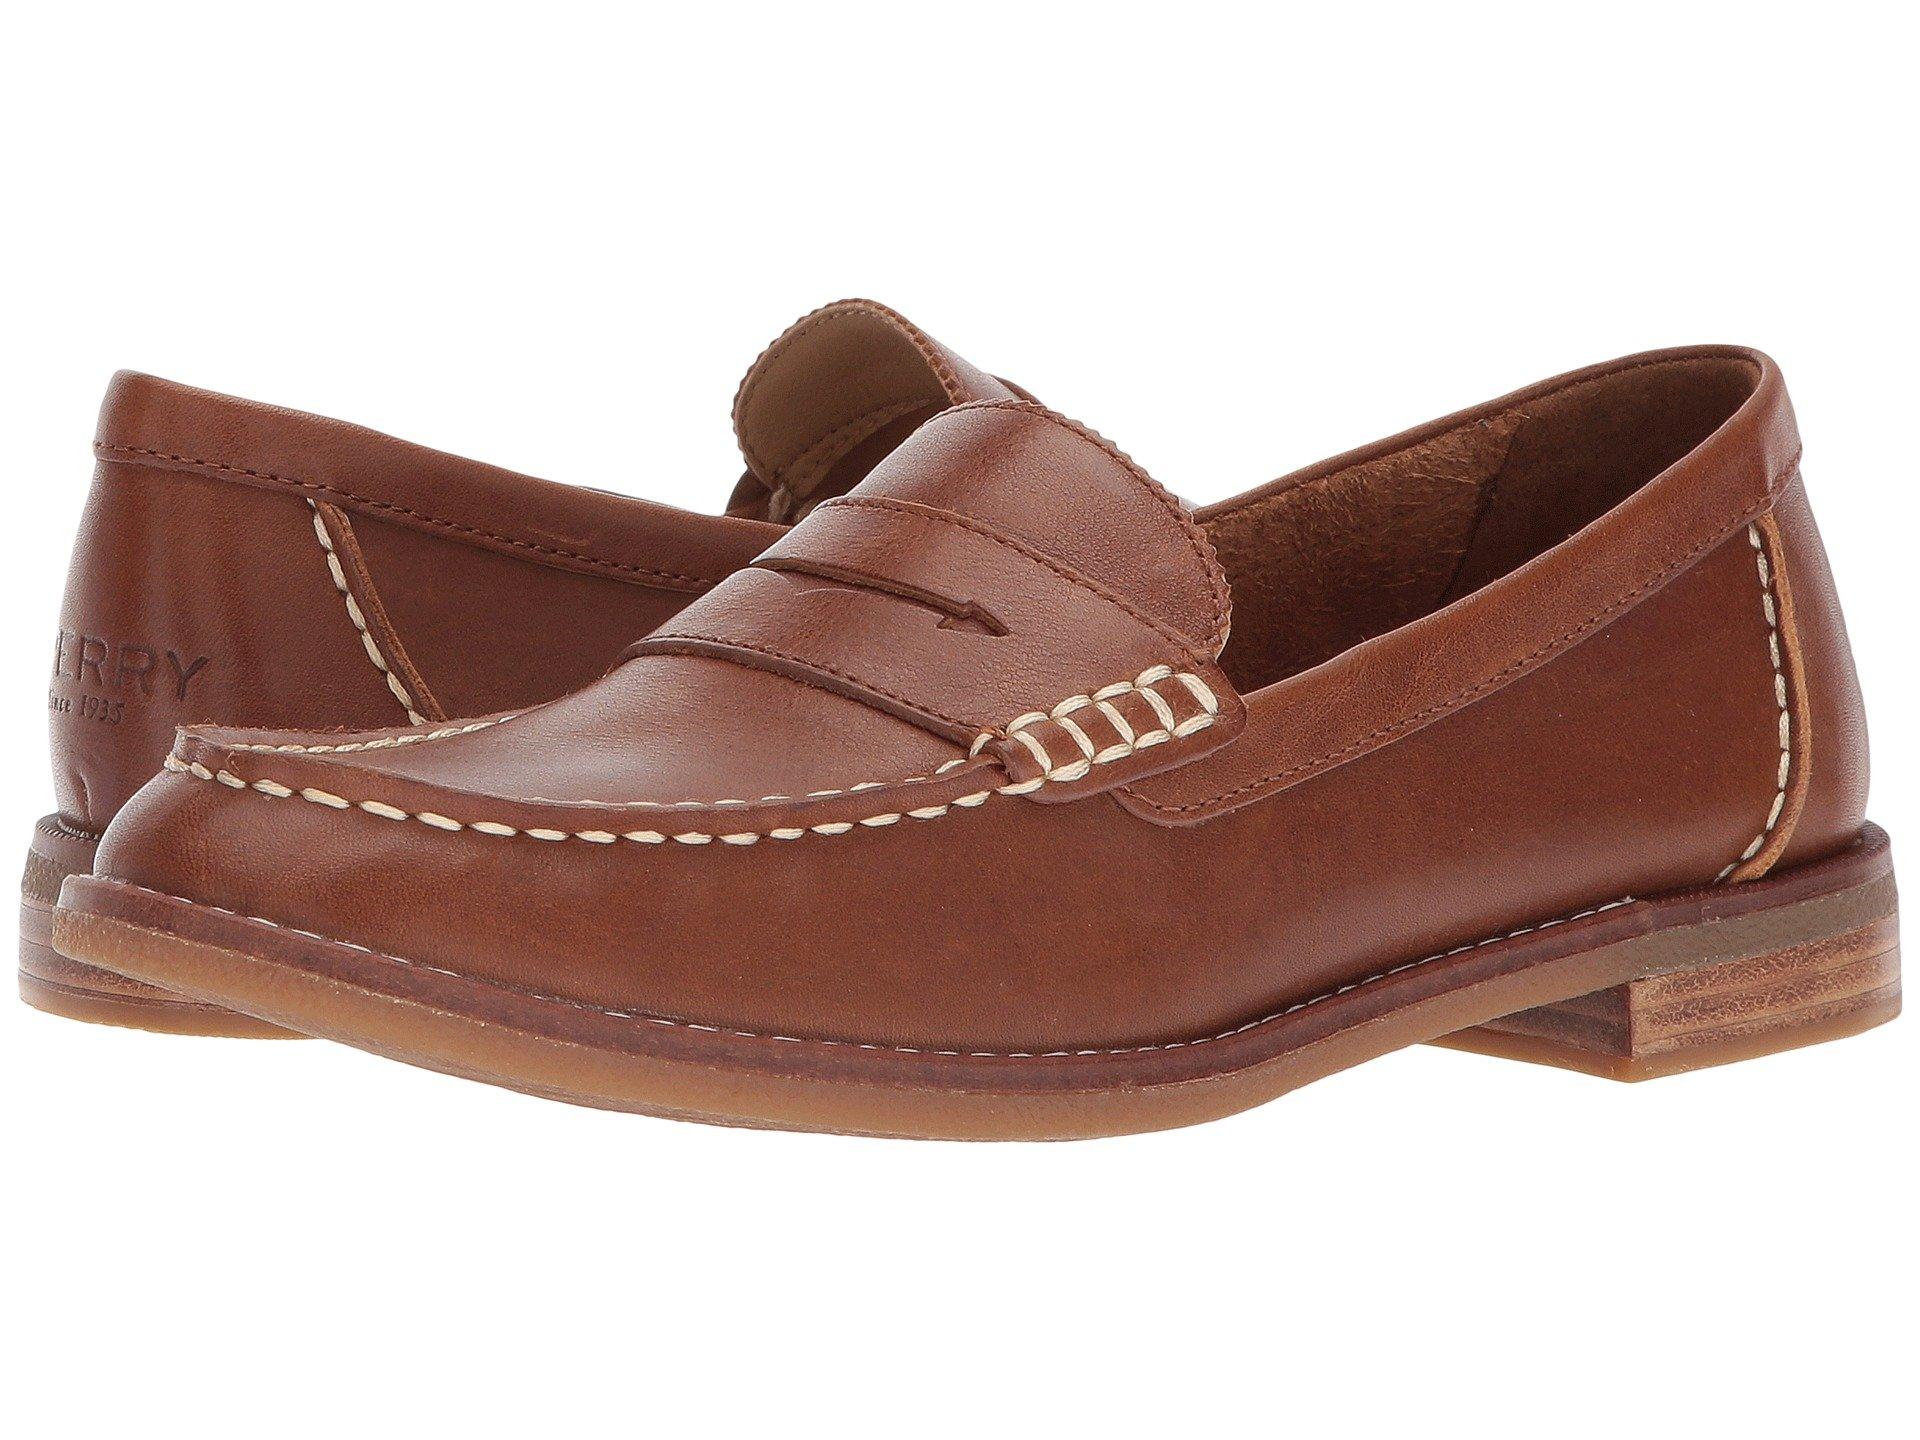 Sperry Boat Shoes Sandals Zappos Com Zappos Com